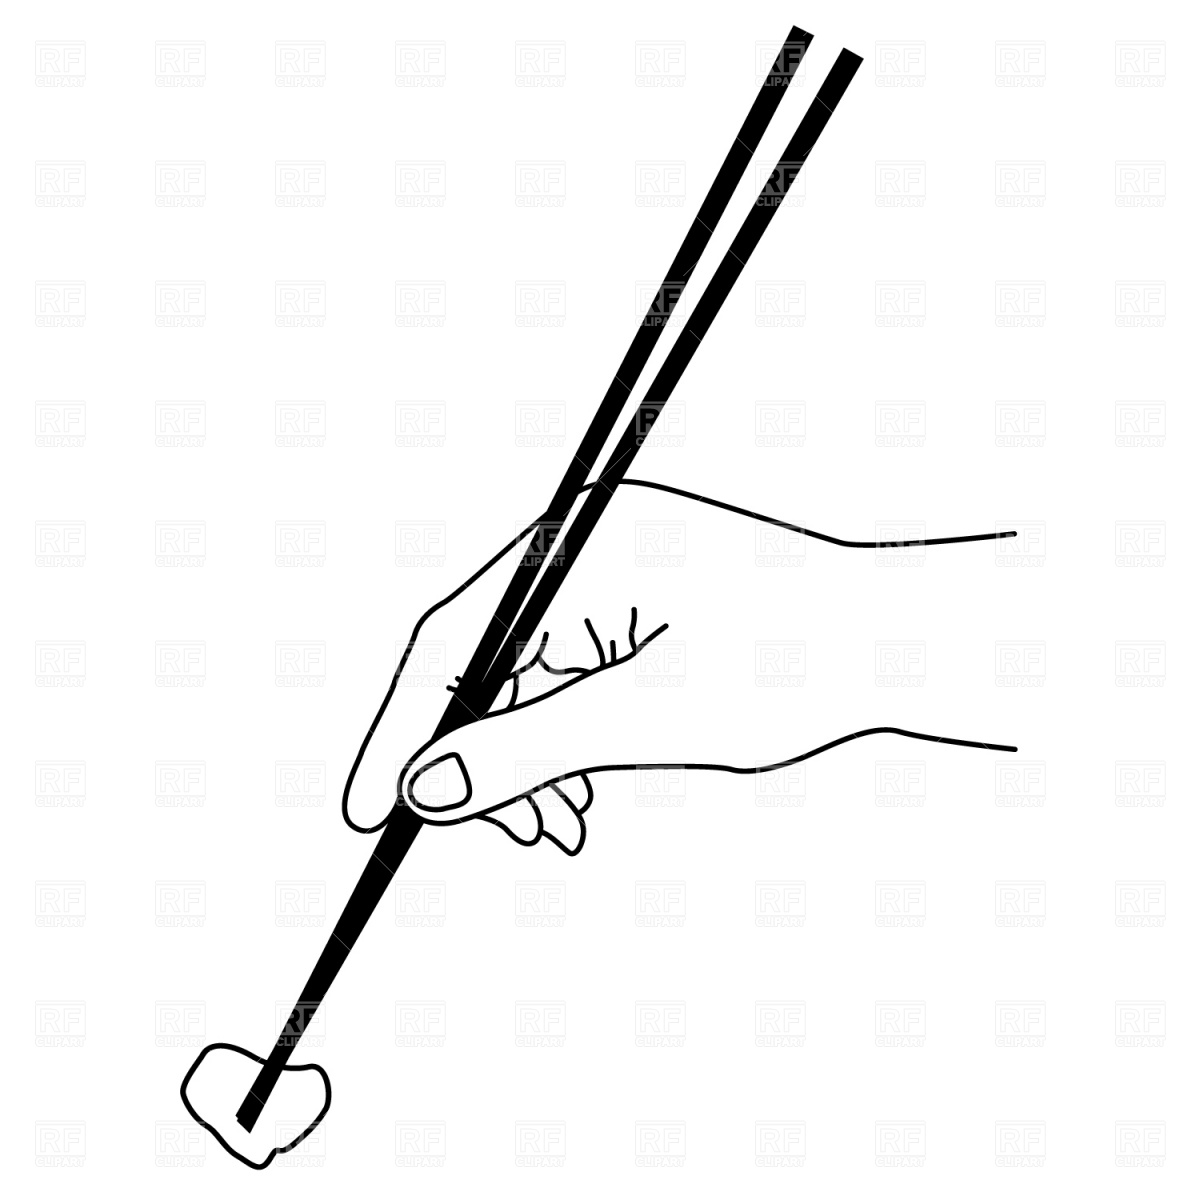 Chopsticks clipart Photo Chopsticks art clipart 2